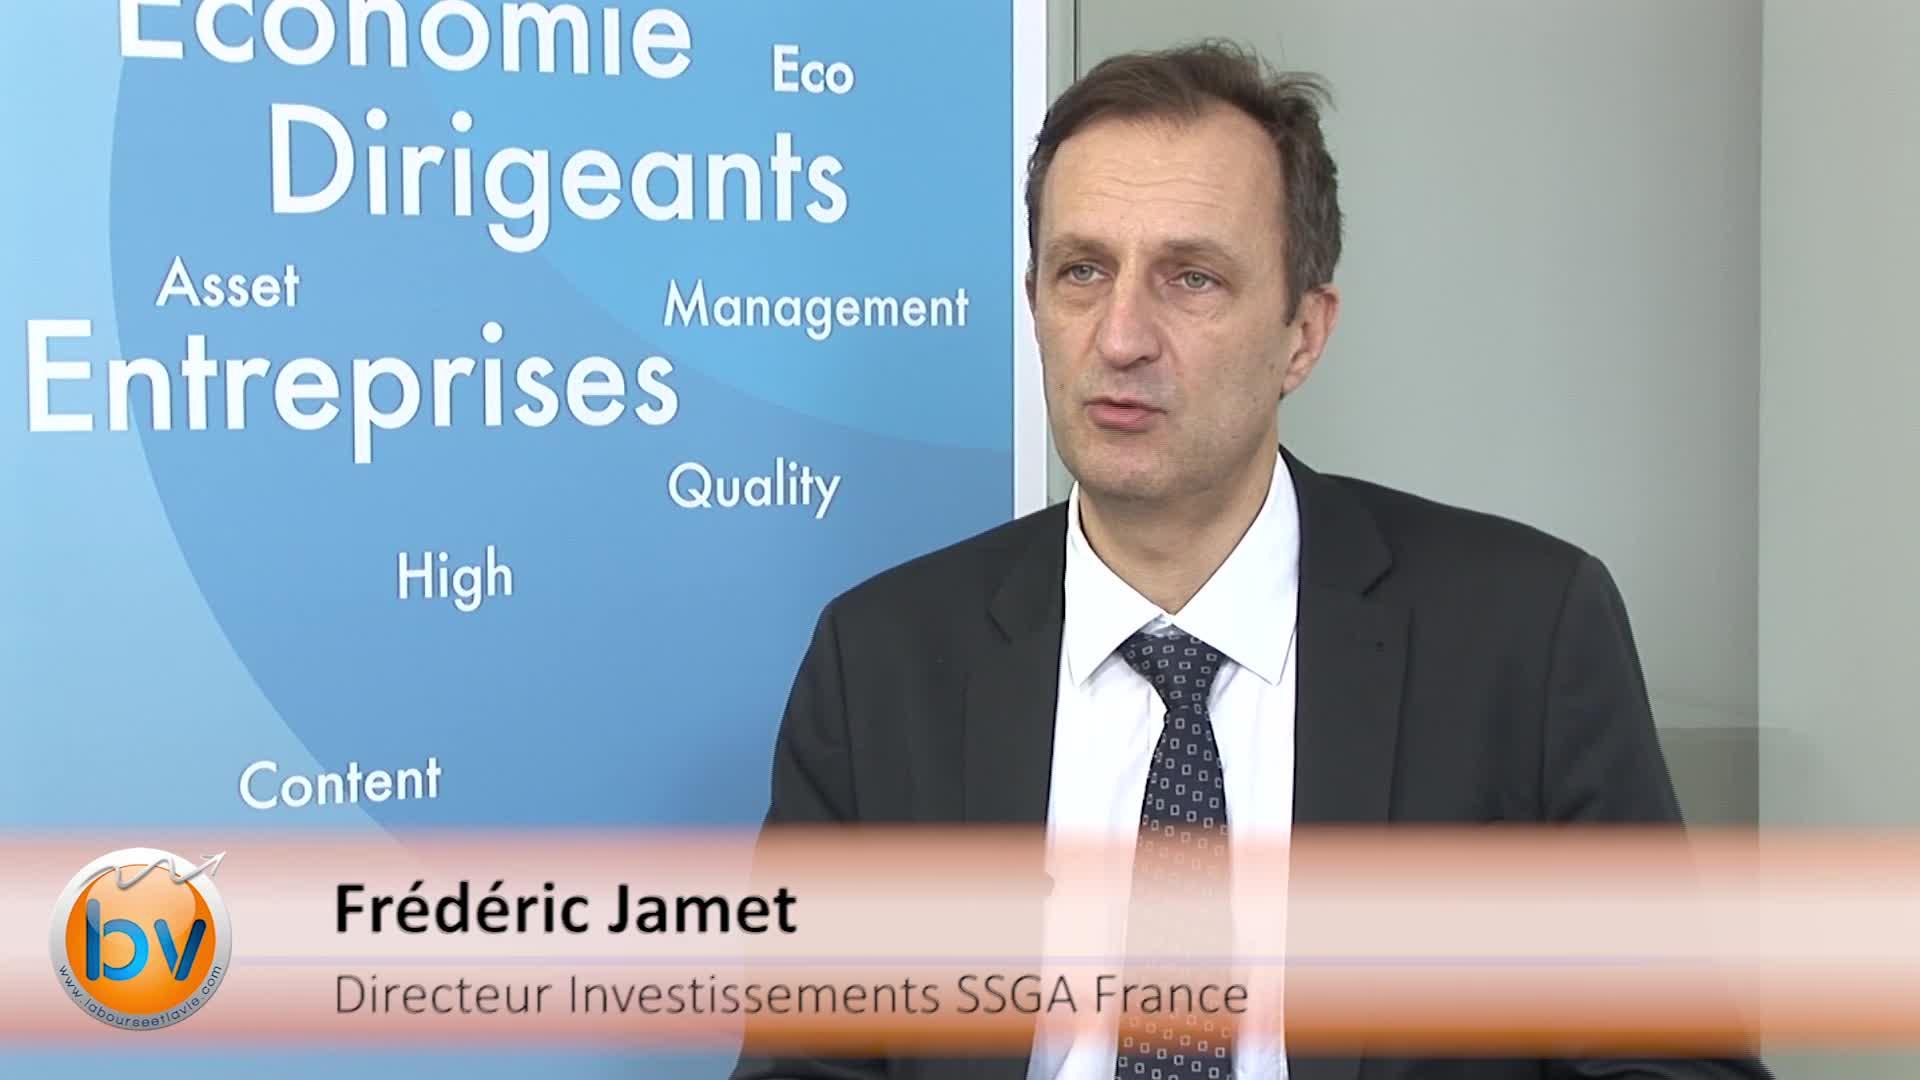 """Frédéric Jamet Directeur des Investissements SSGA France : """"La maitrise du risque"""""""